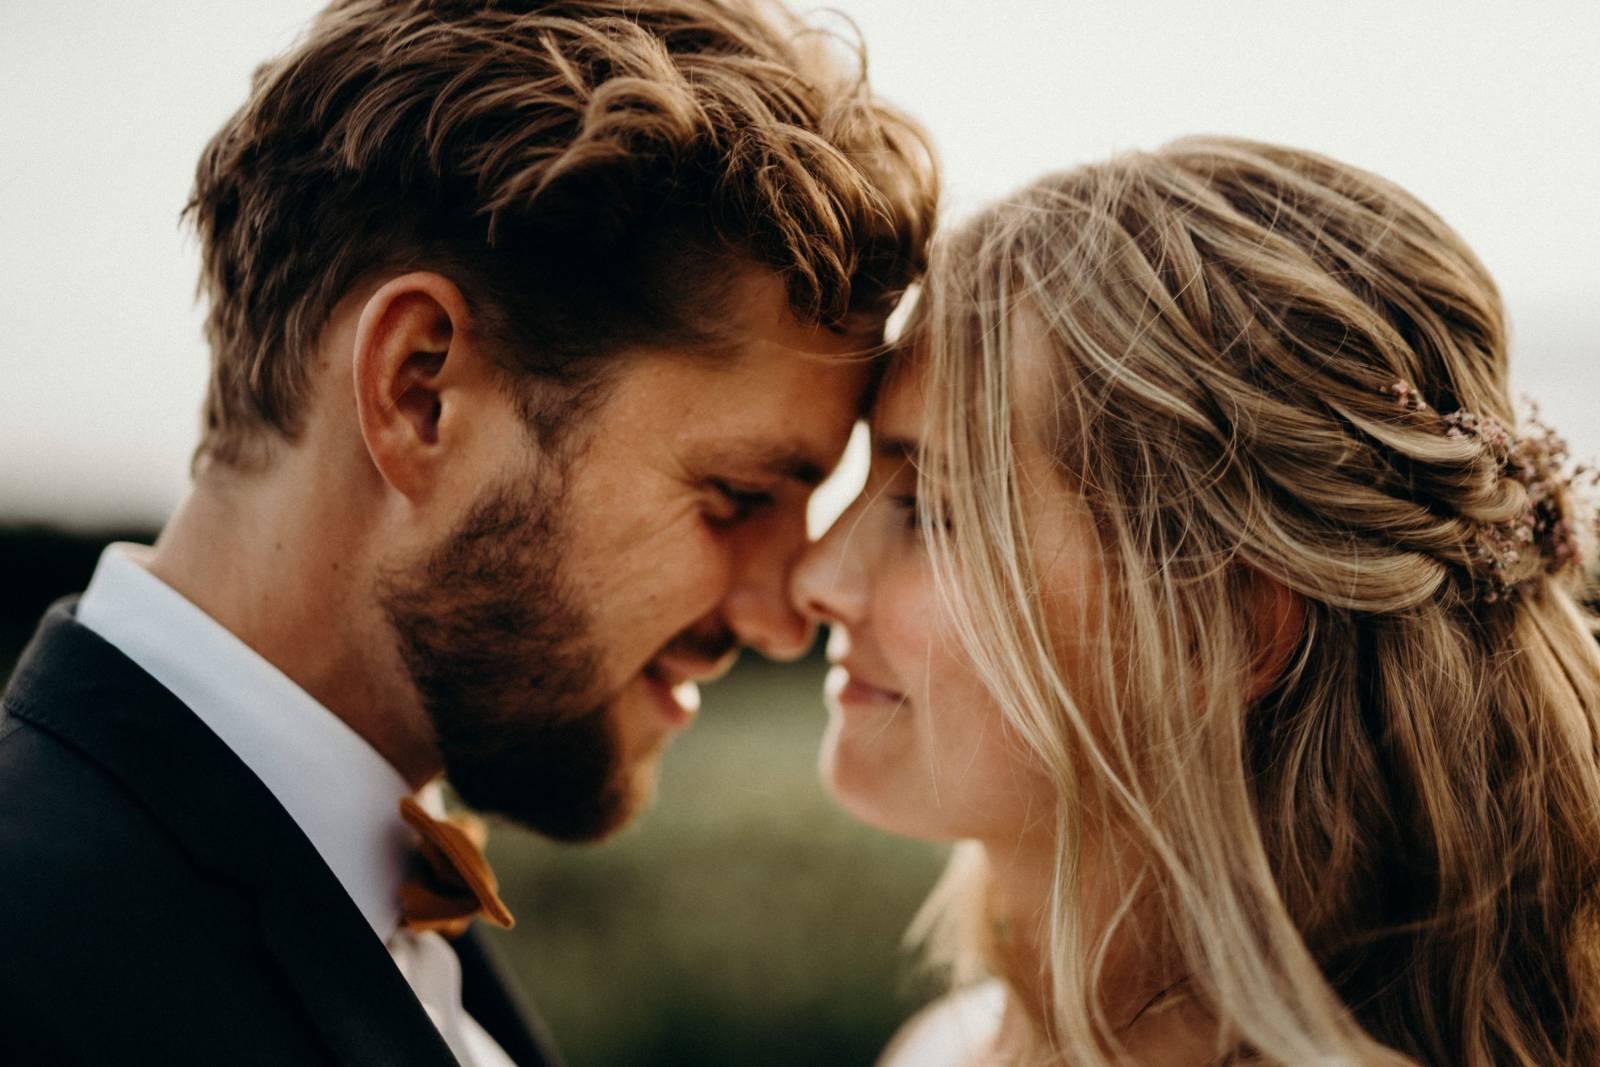 Frankie and Fish - Trouwfotograaf - Huwelijksfotograaf - Bruidsfotograaf - House of Weddings - 2